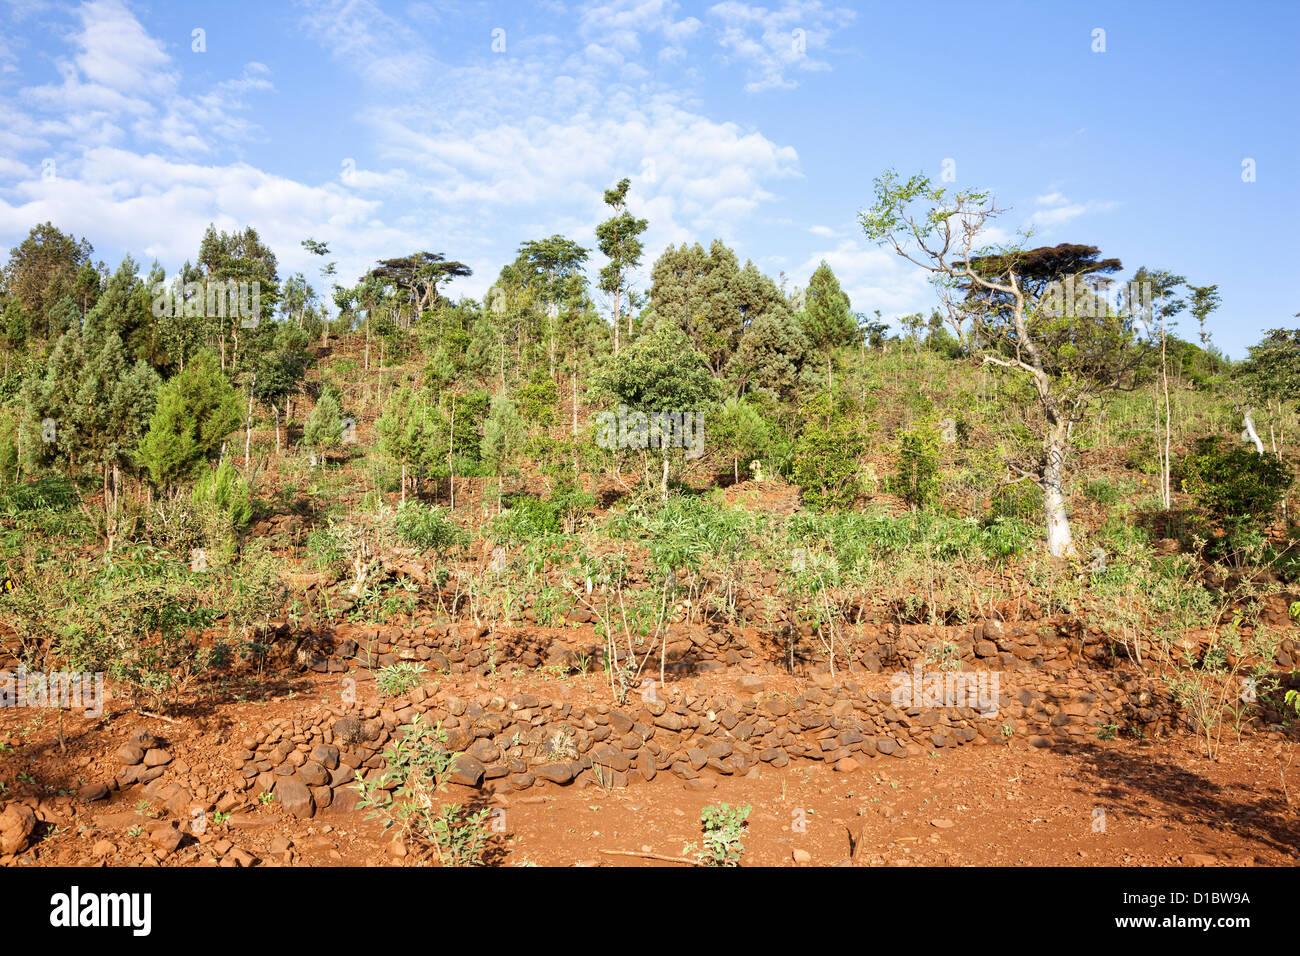 Secar El Cultivo En Terrazas En El Territorio De Los Konso